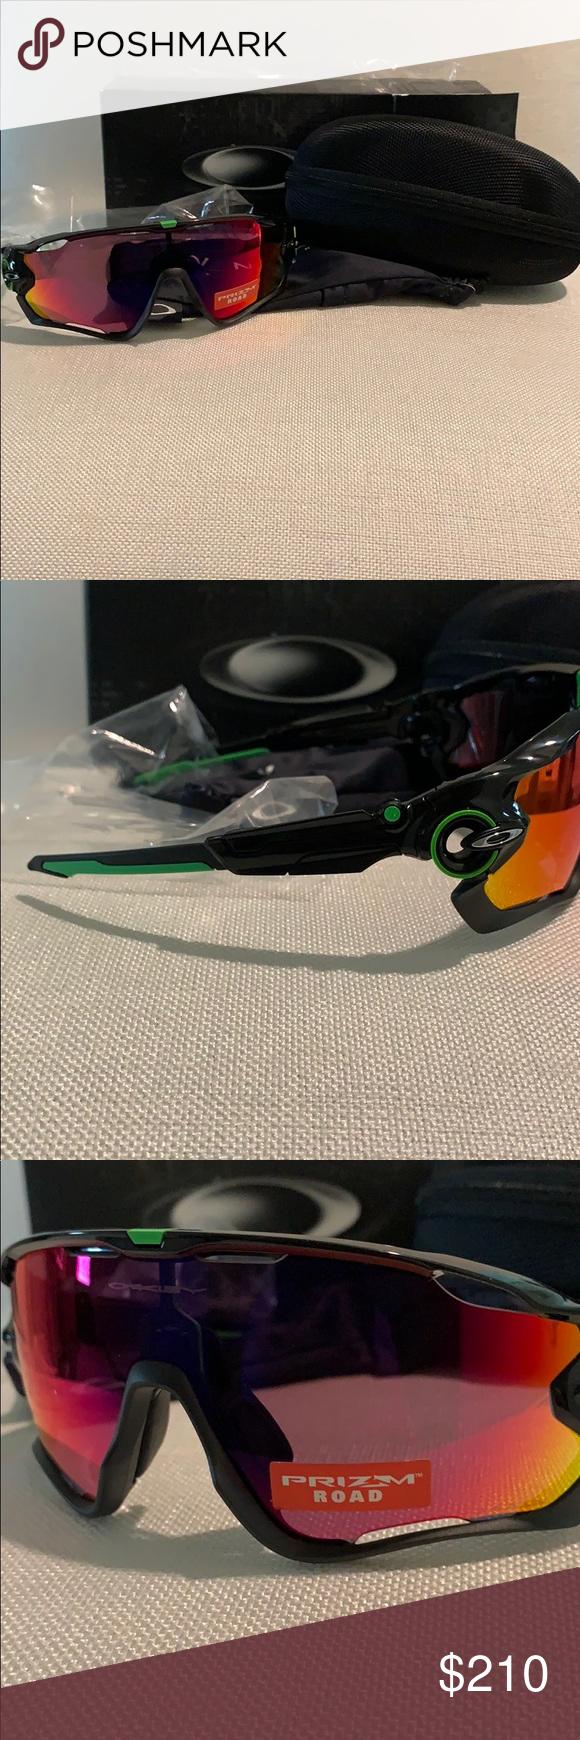 Oakley jawbreaker sunglasses NWT Oakley jawbreaker